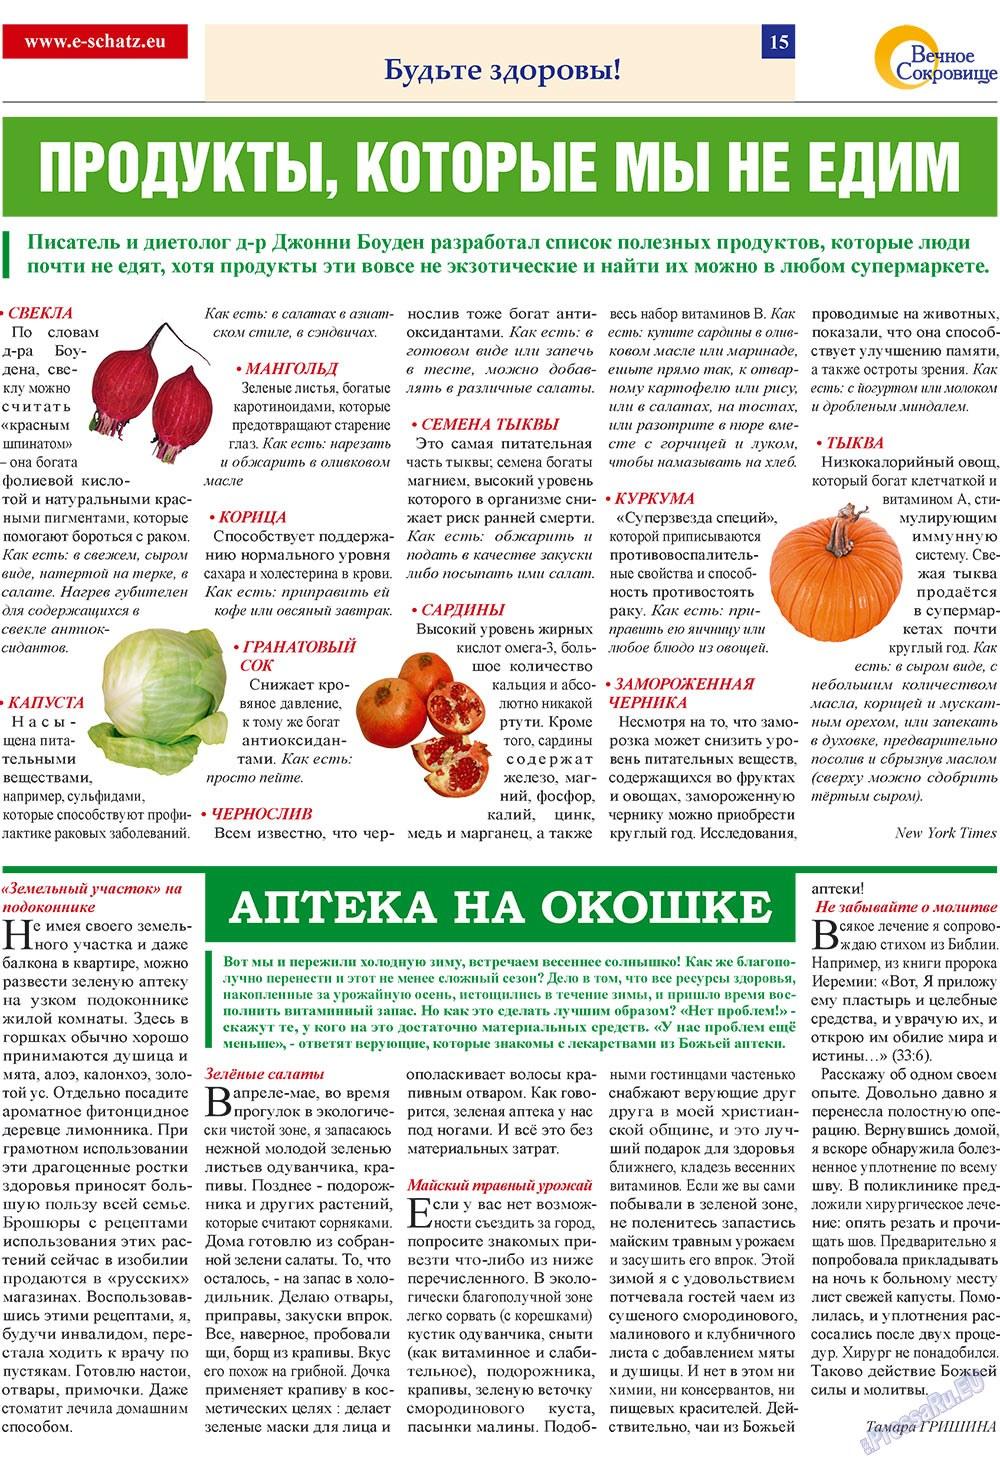 Вечное сокровище (газета). 2009 год, номер 1, стр. 15